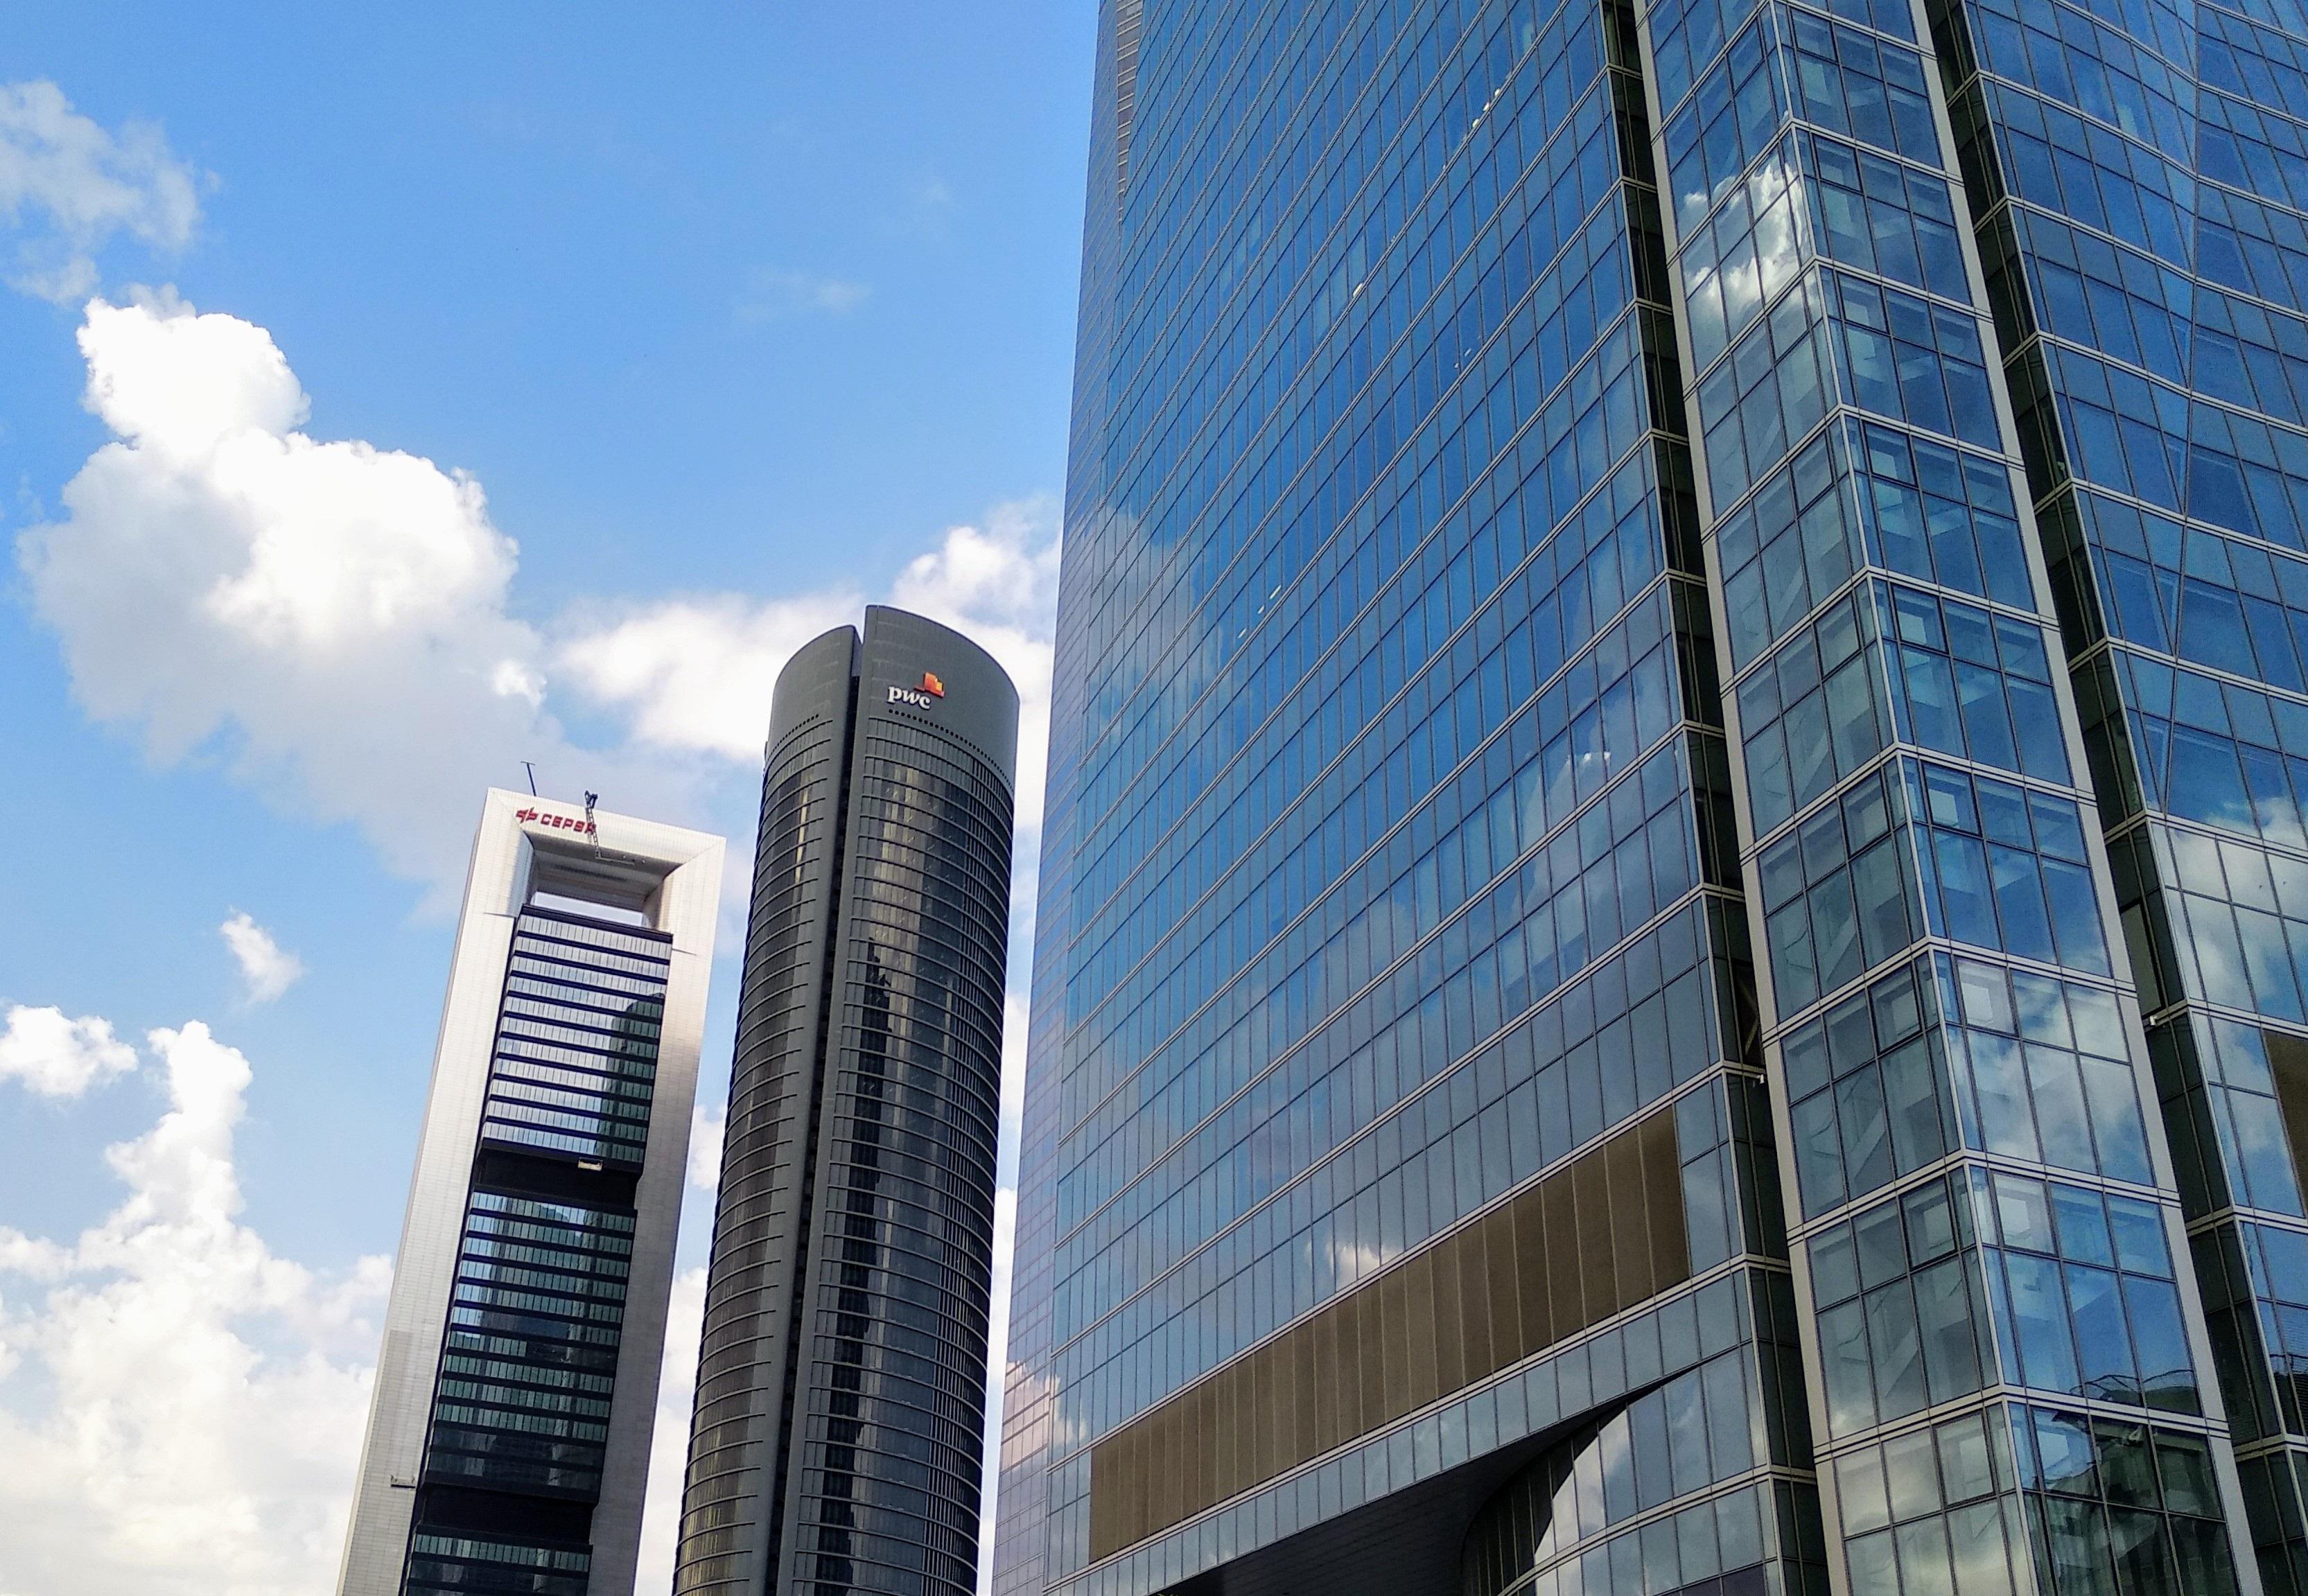 Edificios de las sedes de PwC y Cepsa en Madrid. Torre Espacio